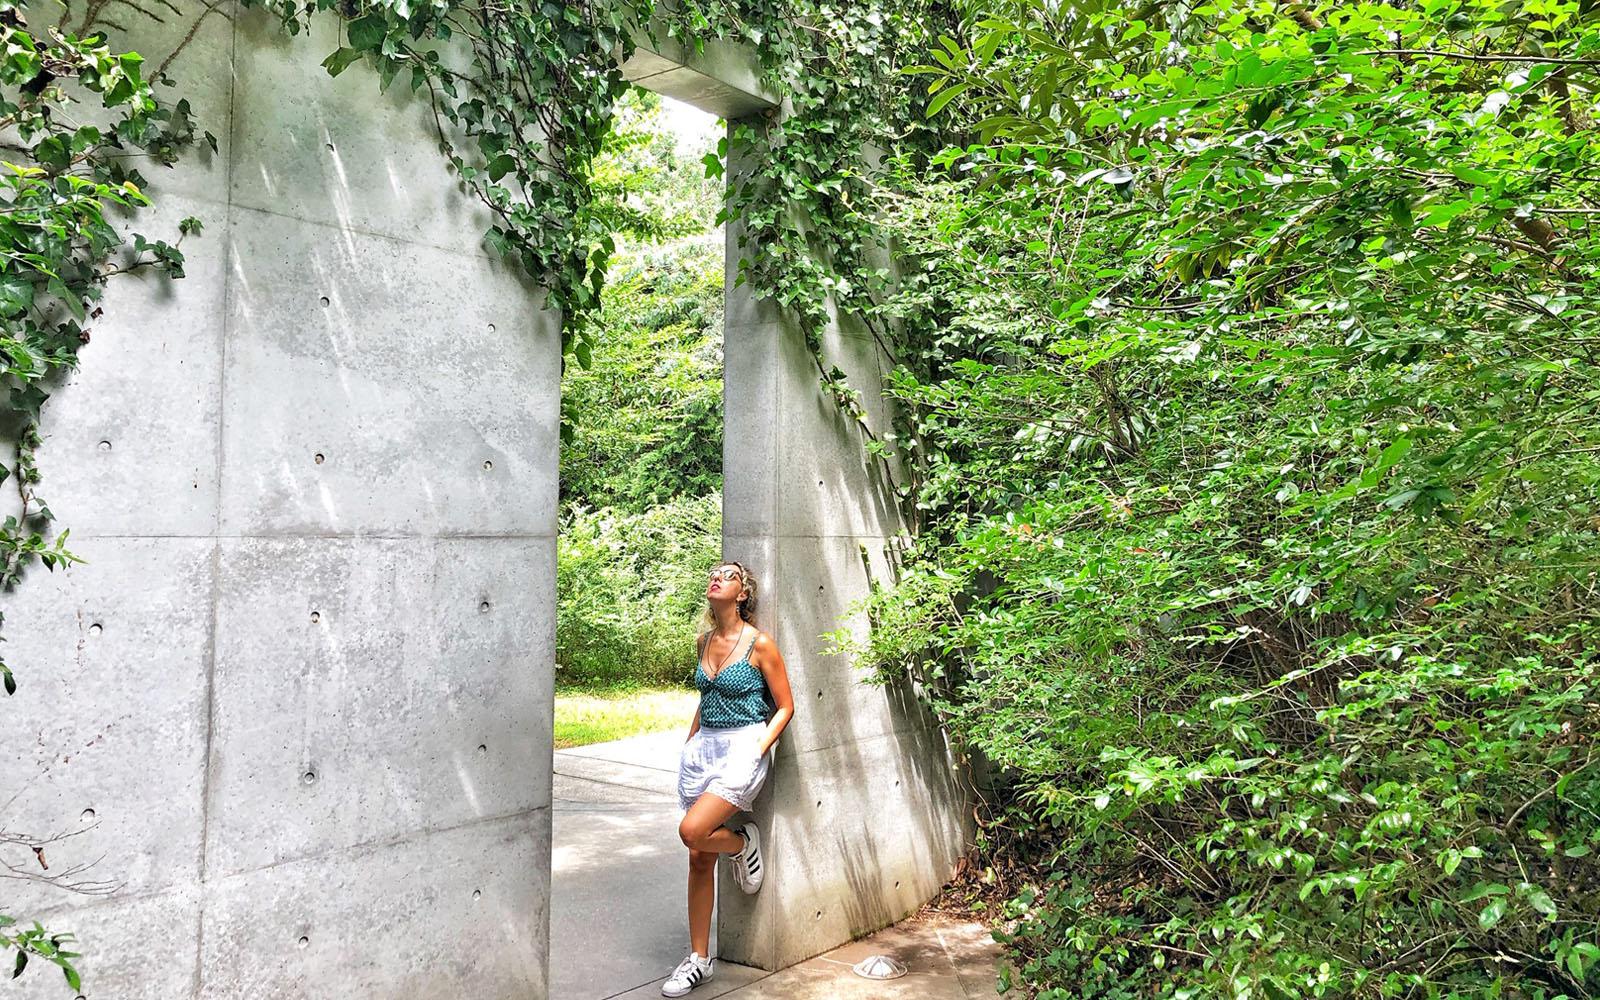 Al Chichu Art Museum, dove l'edificio in cemento dialoga armoniosamente con la Natura circostante.